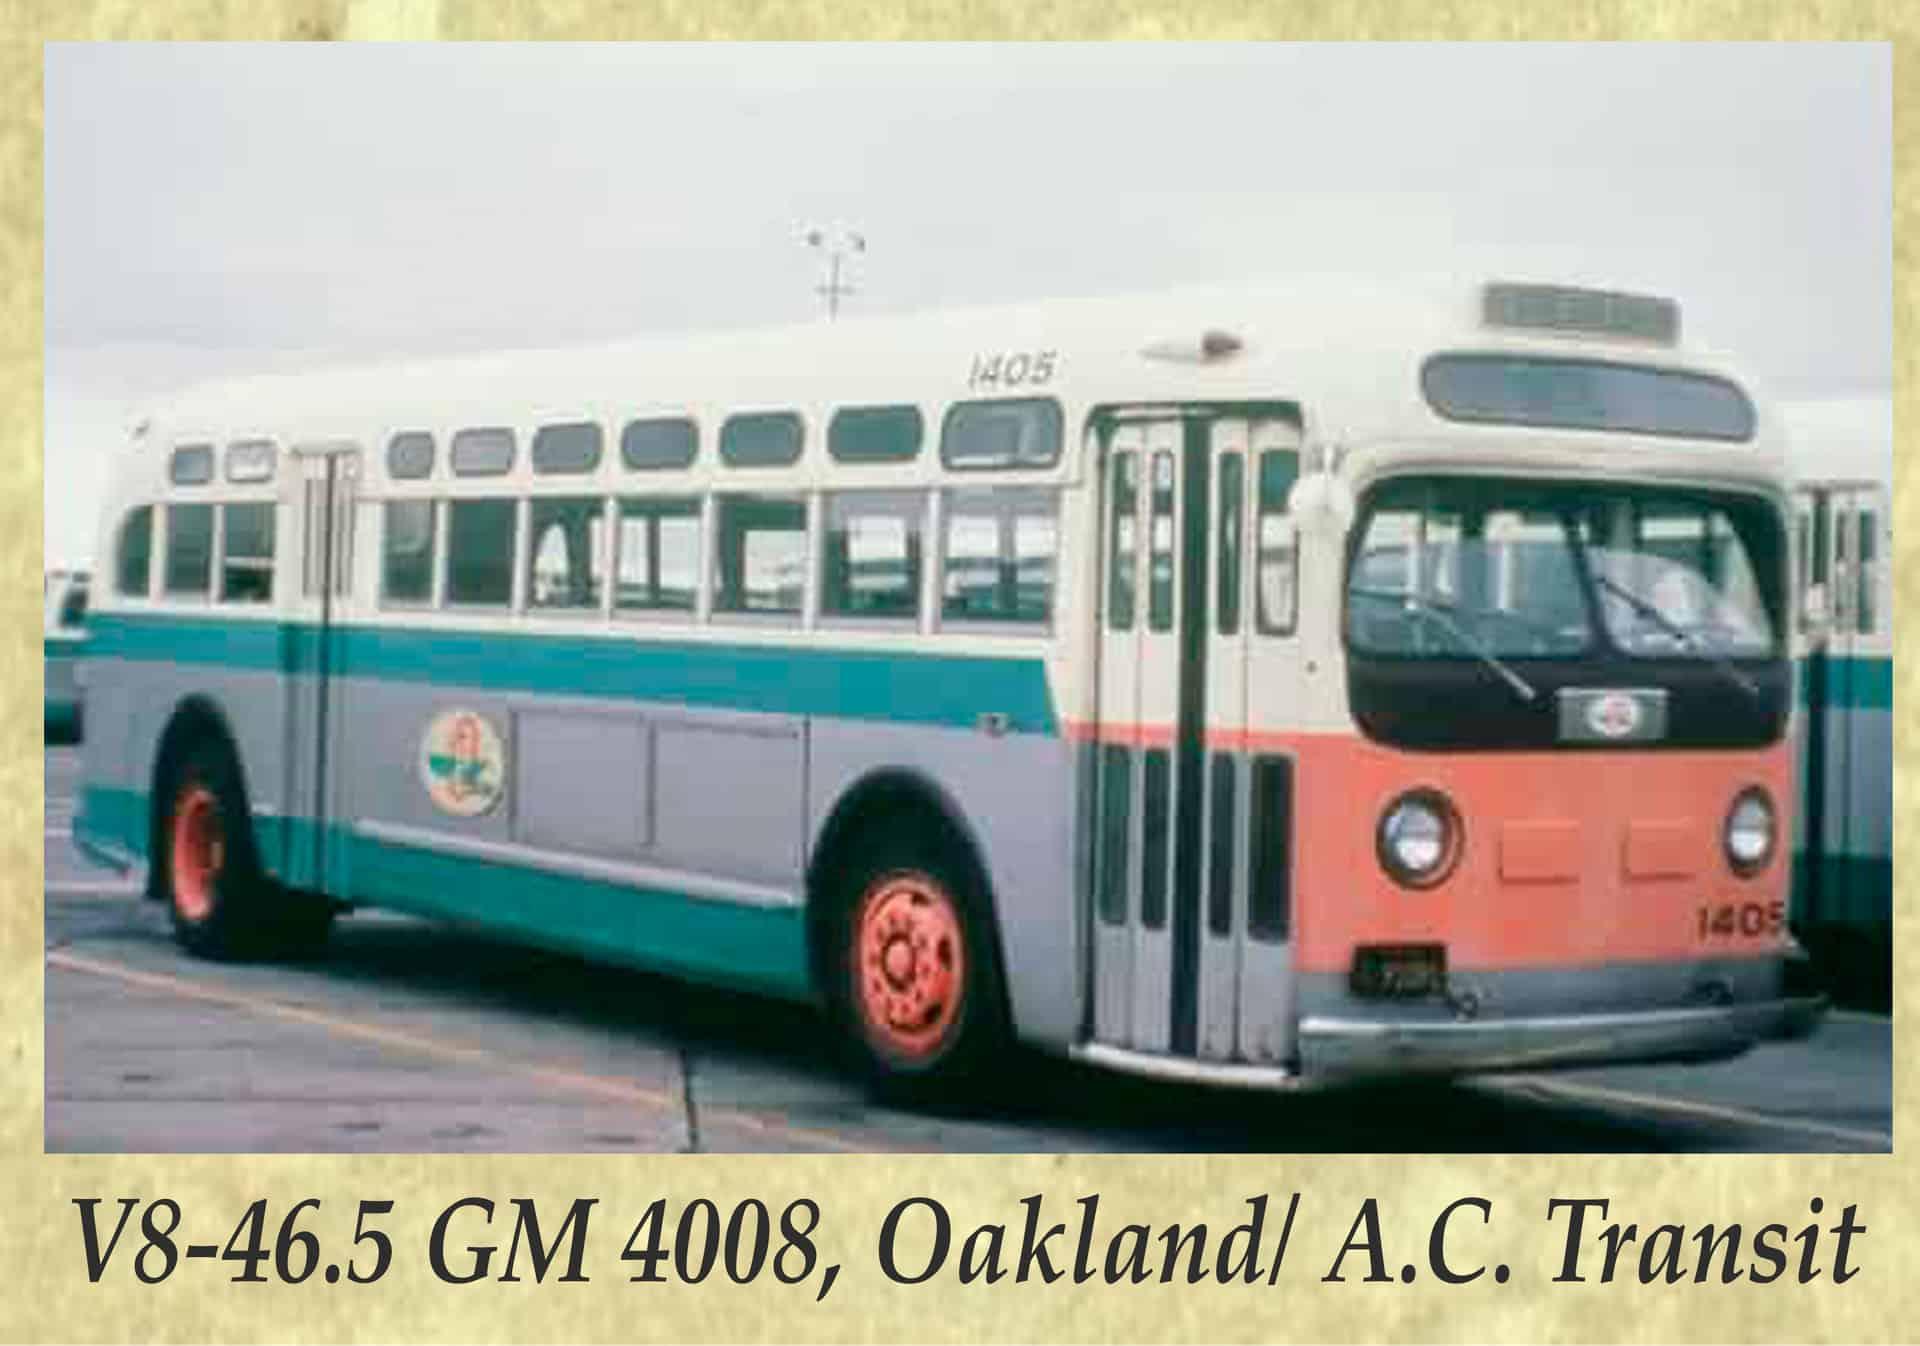 V8-46.5 GM 4008, Oakland A.C. Transit